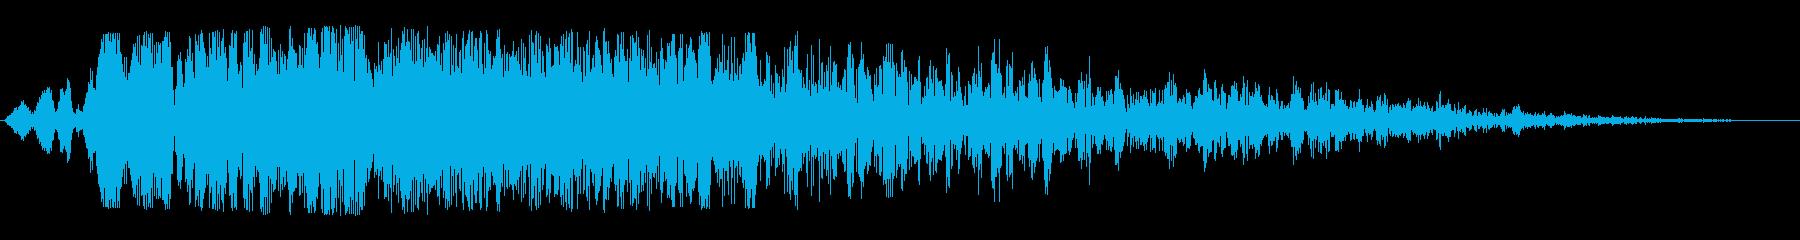 シュドーン!(勢いよく突入する音)の再生済みの波形